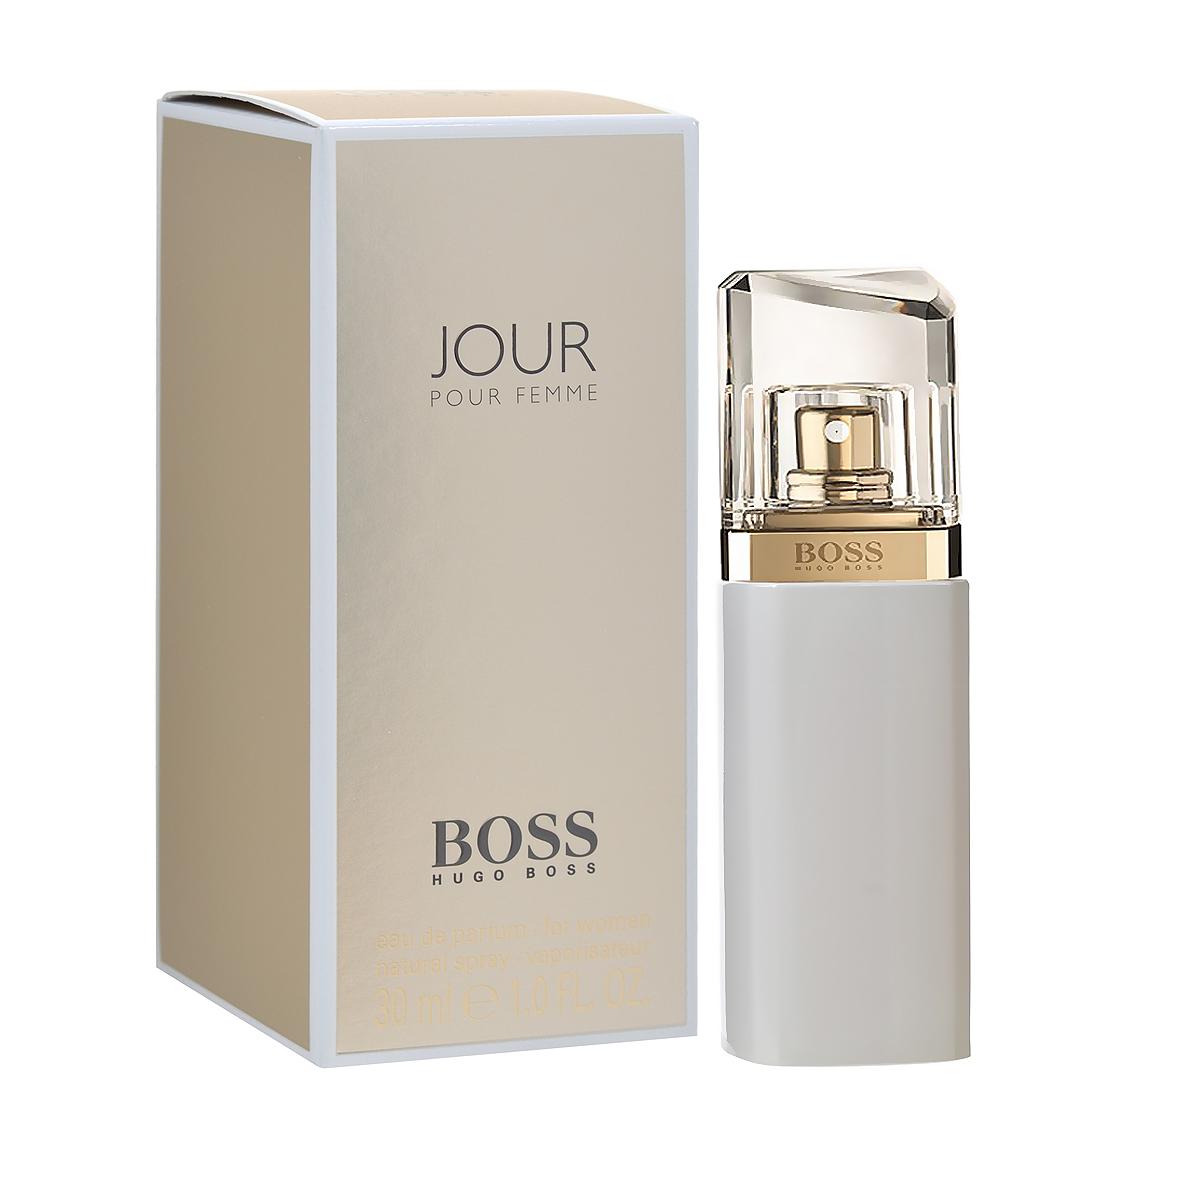 Hugo Boss Парфюмерная вода Jour Pour Femme, женская, 30 мл0737052684390Hugo Boss Jour Pour Femme - дневное издание, облаченное в молочно-белый флакон, по характеру и оформлению контрастирующее с прошлогодней ночной версией. Аромат Hugo Boss Jour Pour Femme был создан, чтобы показать три лица женщины: вдохновение, самообладание и легкость. Аромат описывается как красивое сочетание белых цветов с игристыми и прохладными цитрусовыми аккордами. Свежие верхние ноты представлены комбинацией лайма и цветов грейпфрута. Они отражают легкость и подобны первым лучам утреннего солнца, которые ассоциируются с ожиданием чего-то хорошего. Вдохновение дарит богатый букет женственных белых цветов - фрезии, ландыша и жимолости - в сердце композиции. Самообладание передано с помощью более сильной и мужественной базы, включающей аккорды белой березы и сливочной амбры. Классификация аромата: цветочный. Пирамида аромата: верхние ноты - грейпфрут, лайм; ноты сердца - жимолость, ландыш, фрезия, ноты шлейфа - береза, амбра. Товар...